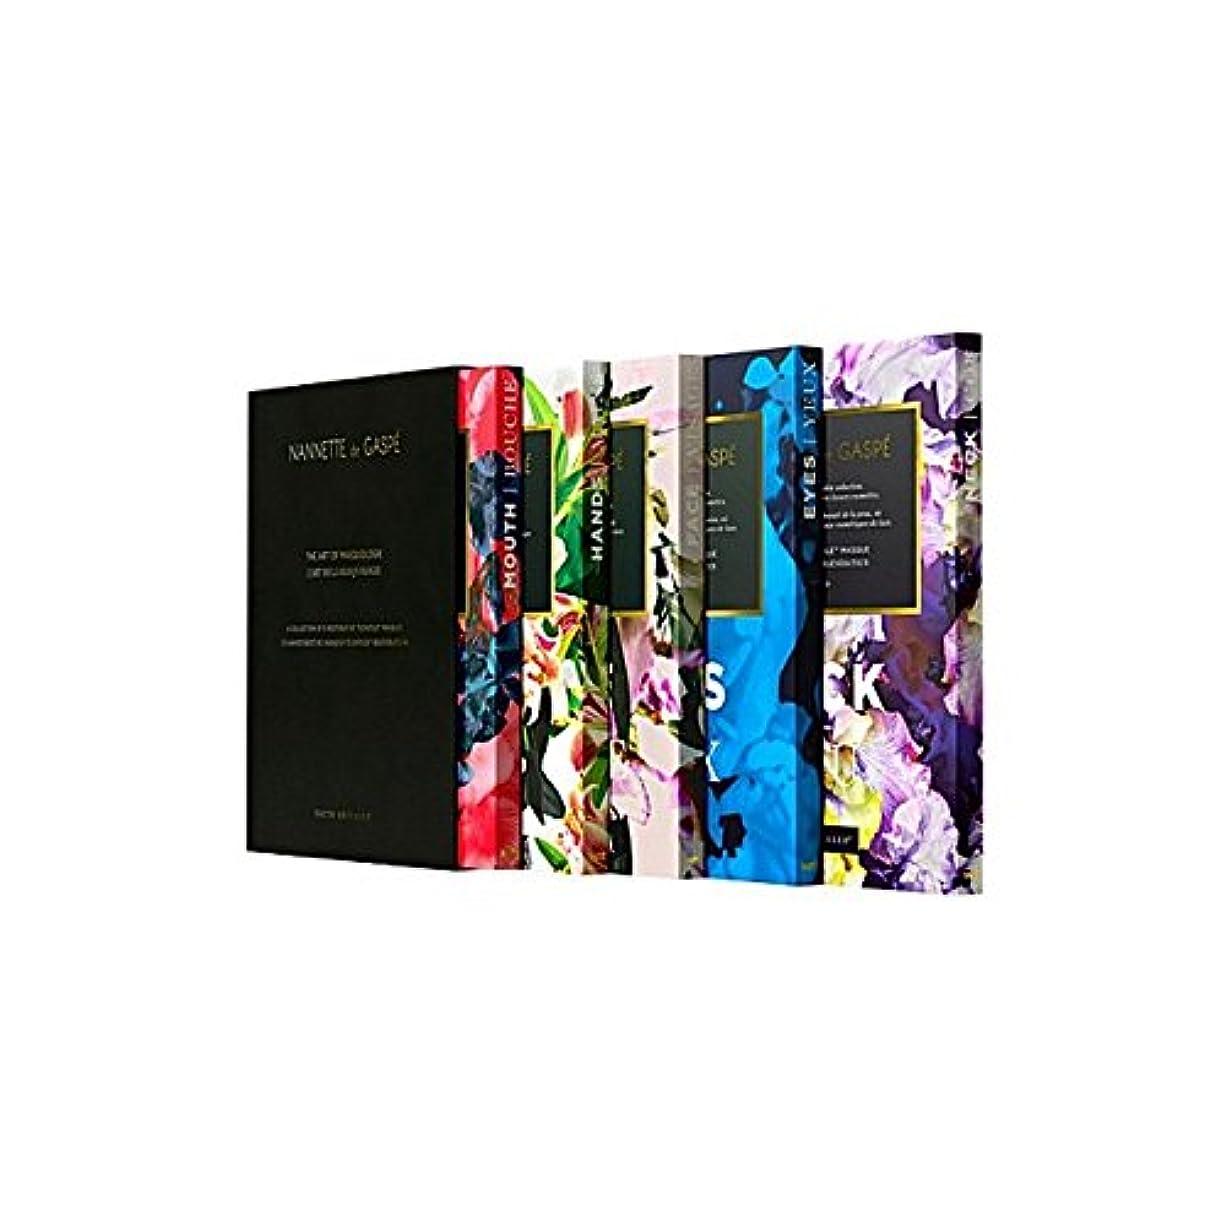 ビーチロック解除不愉快にデガスペ修復仮面劇コフレ x4 - Nannette De Gaspe Restorative Techstile Masque Coffret (Pack of 4) [並行輸入品]